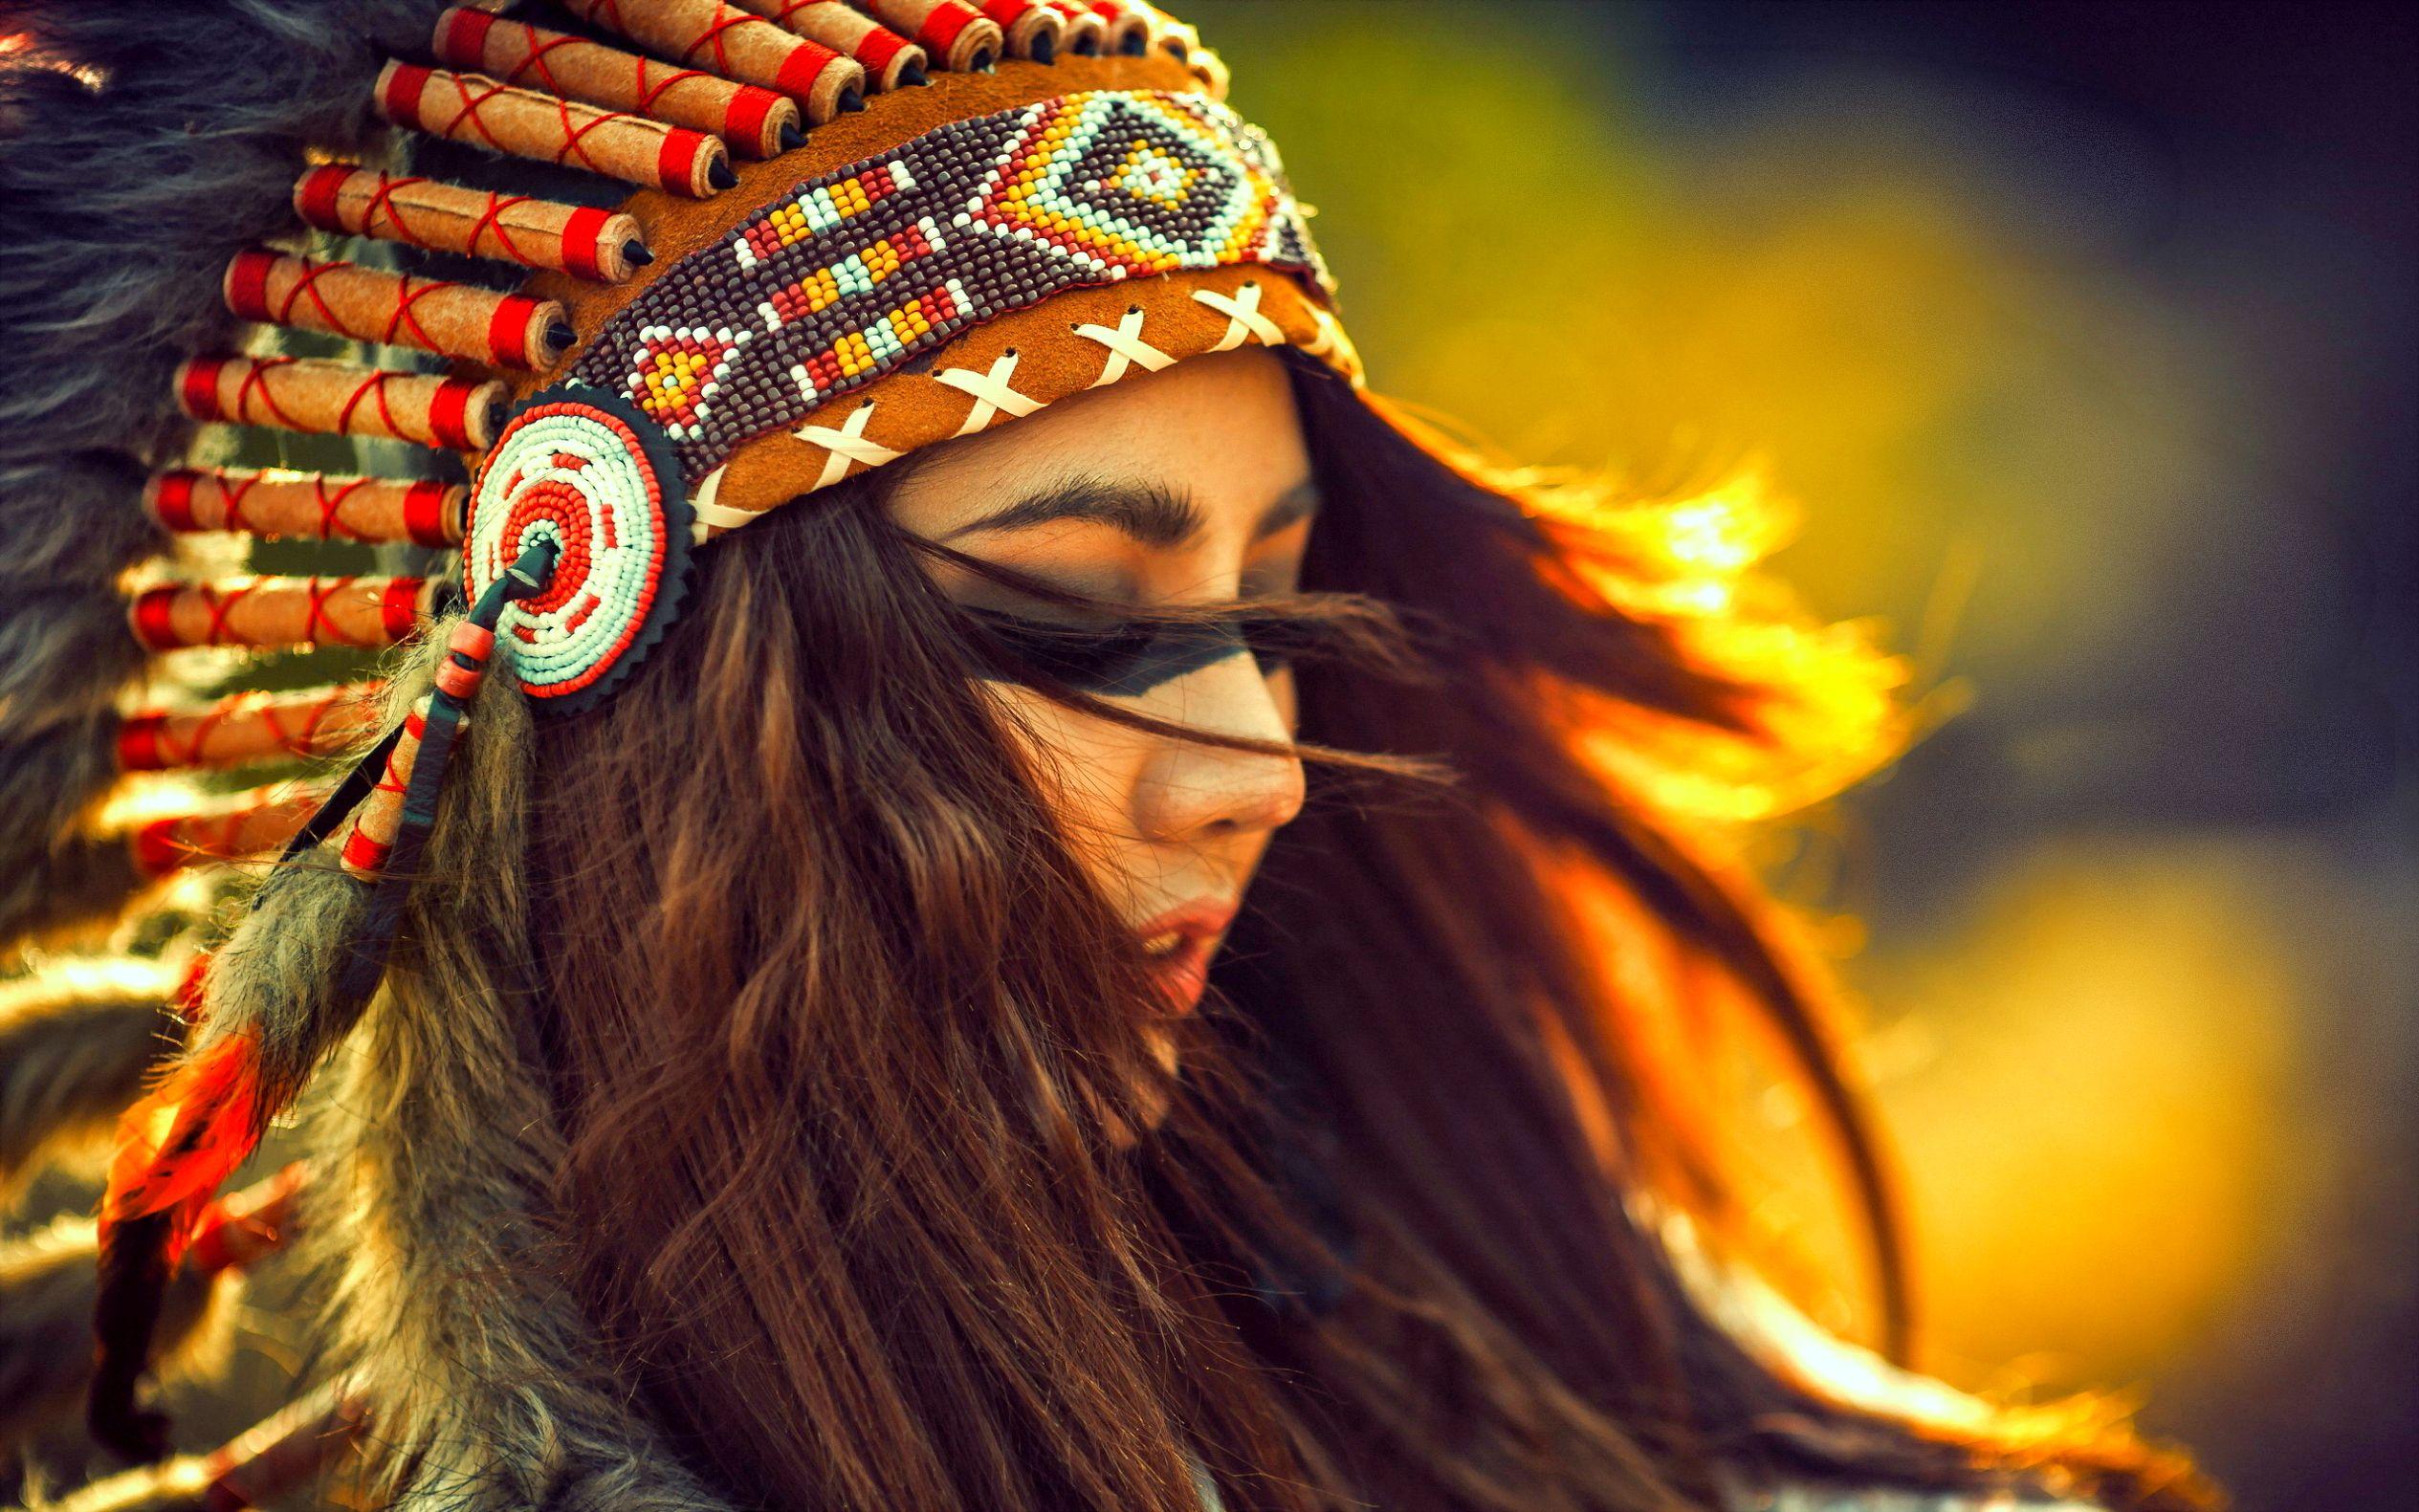 обои на рабочий стол индейцы северной америки